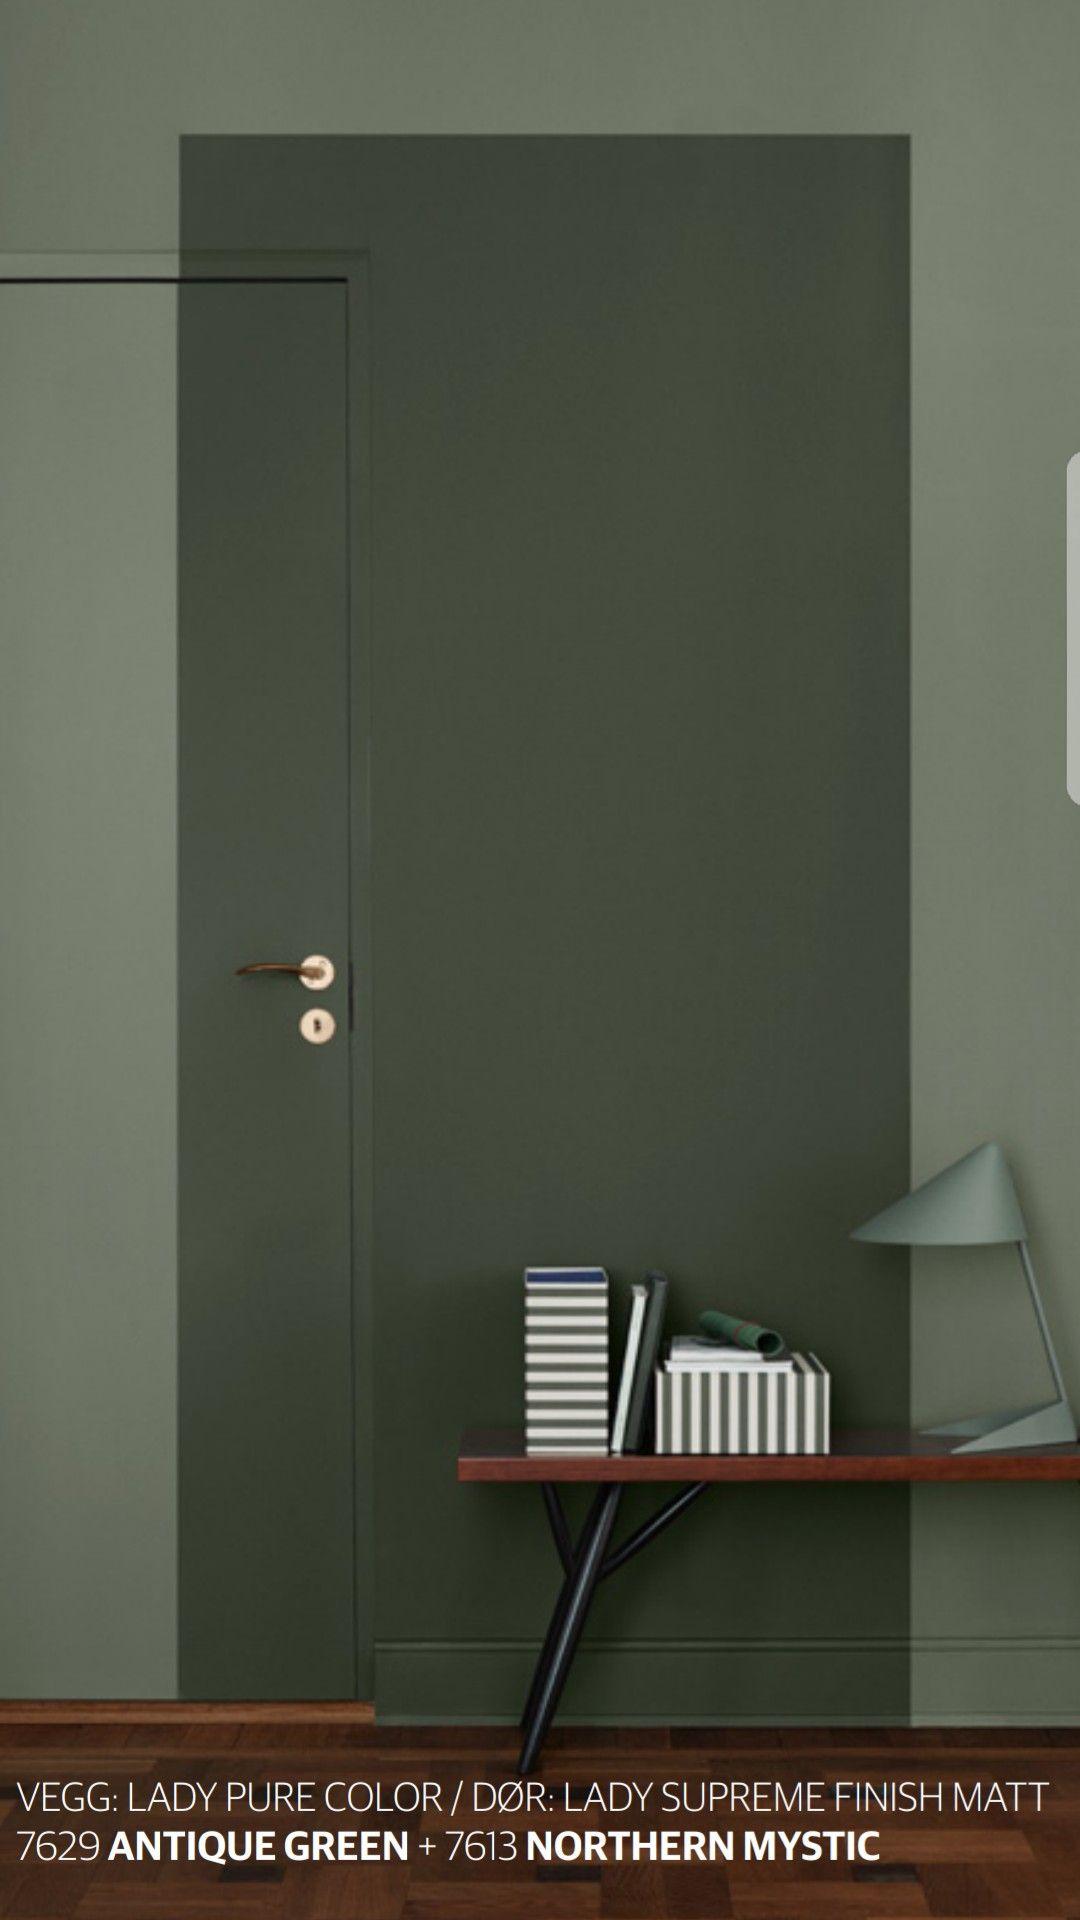 602db2b62 Jotun Fargekart 2019 - Identity | room i 2019 | Stue farger, Stue og ...